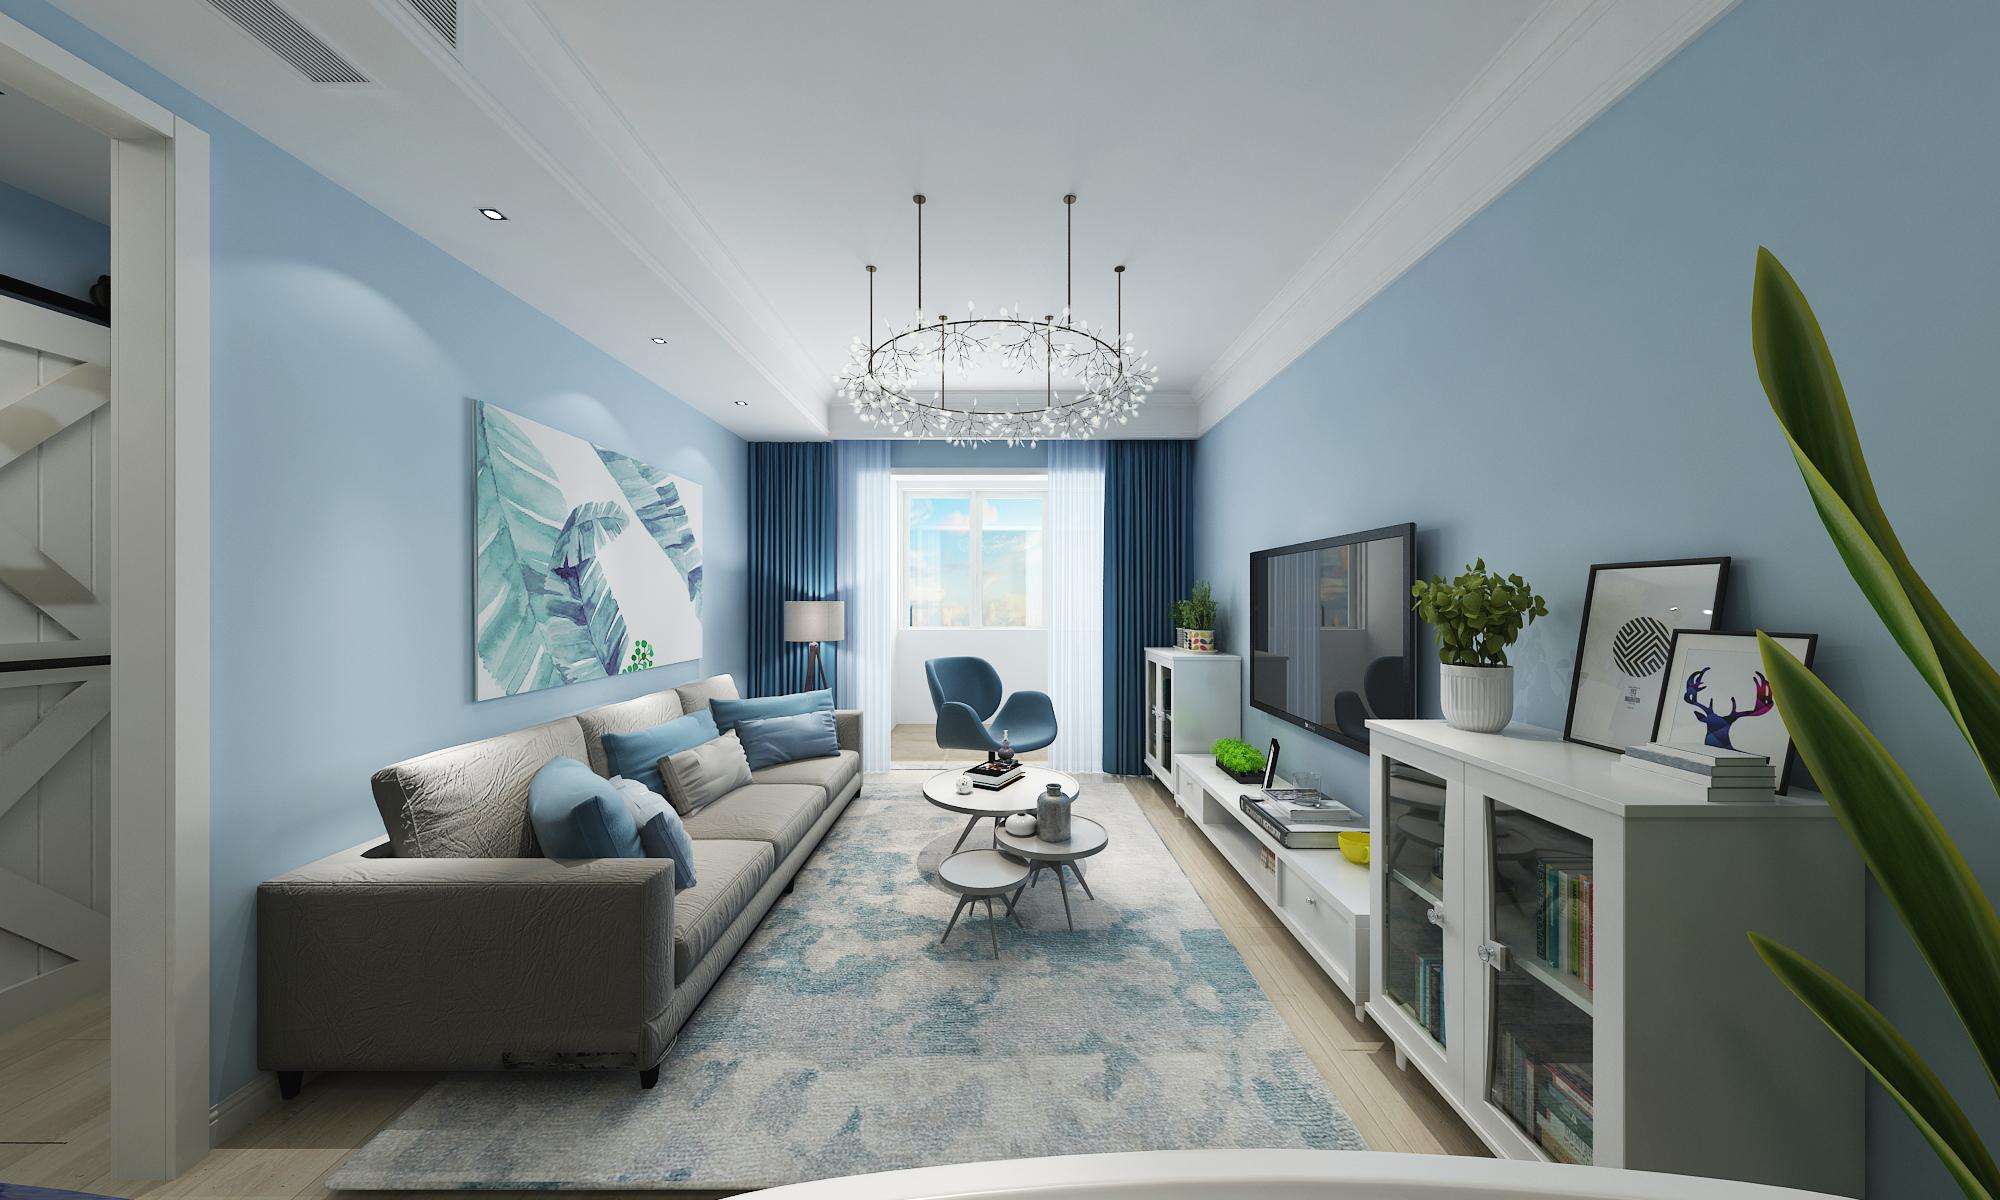 流水西苑85㎡ 现代风格二居室